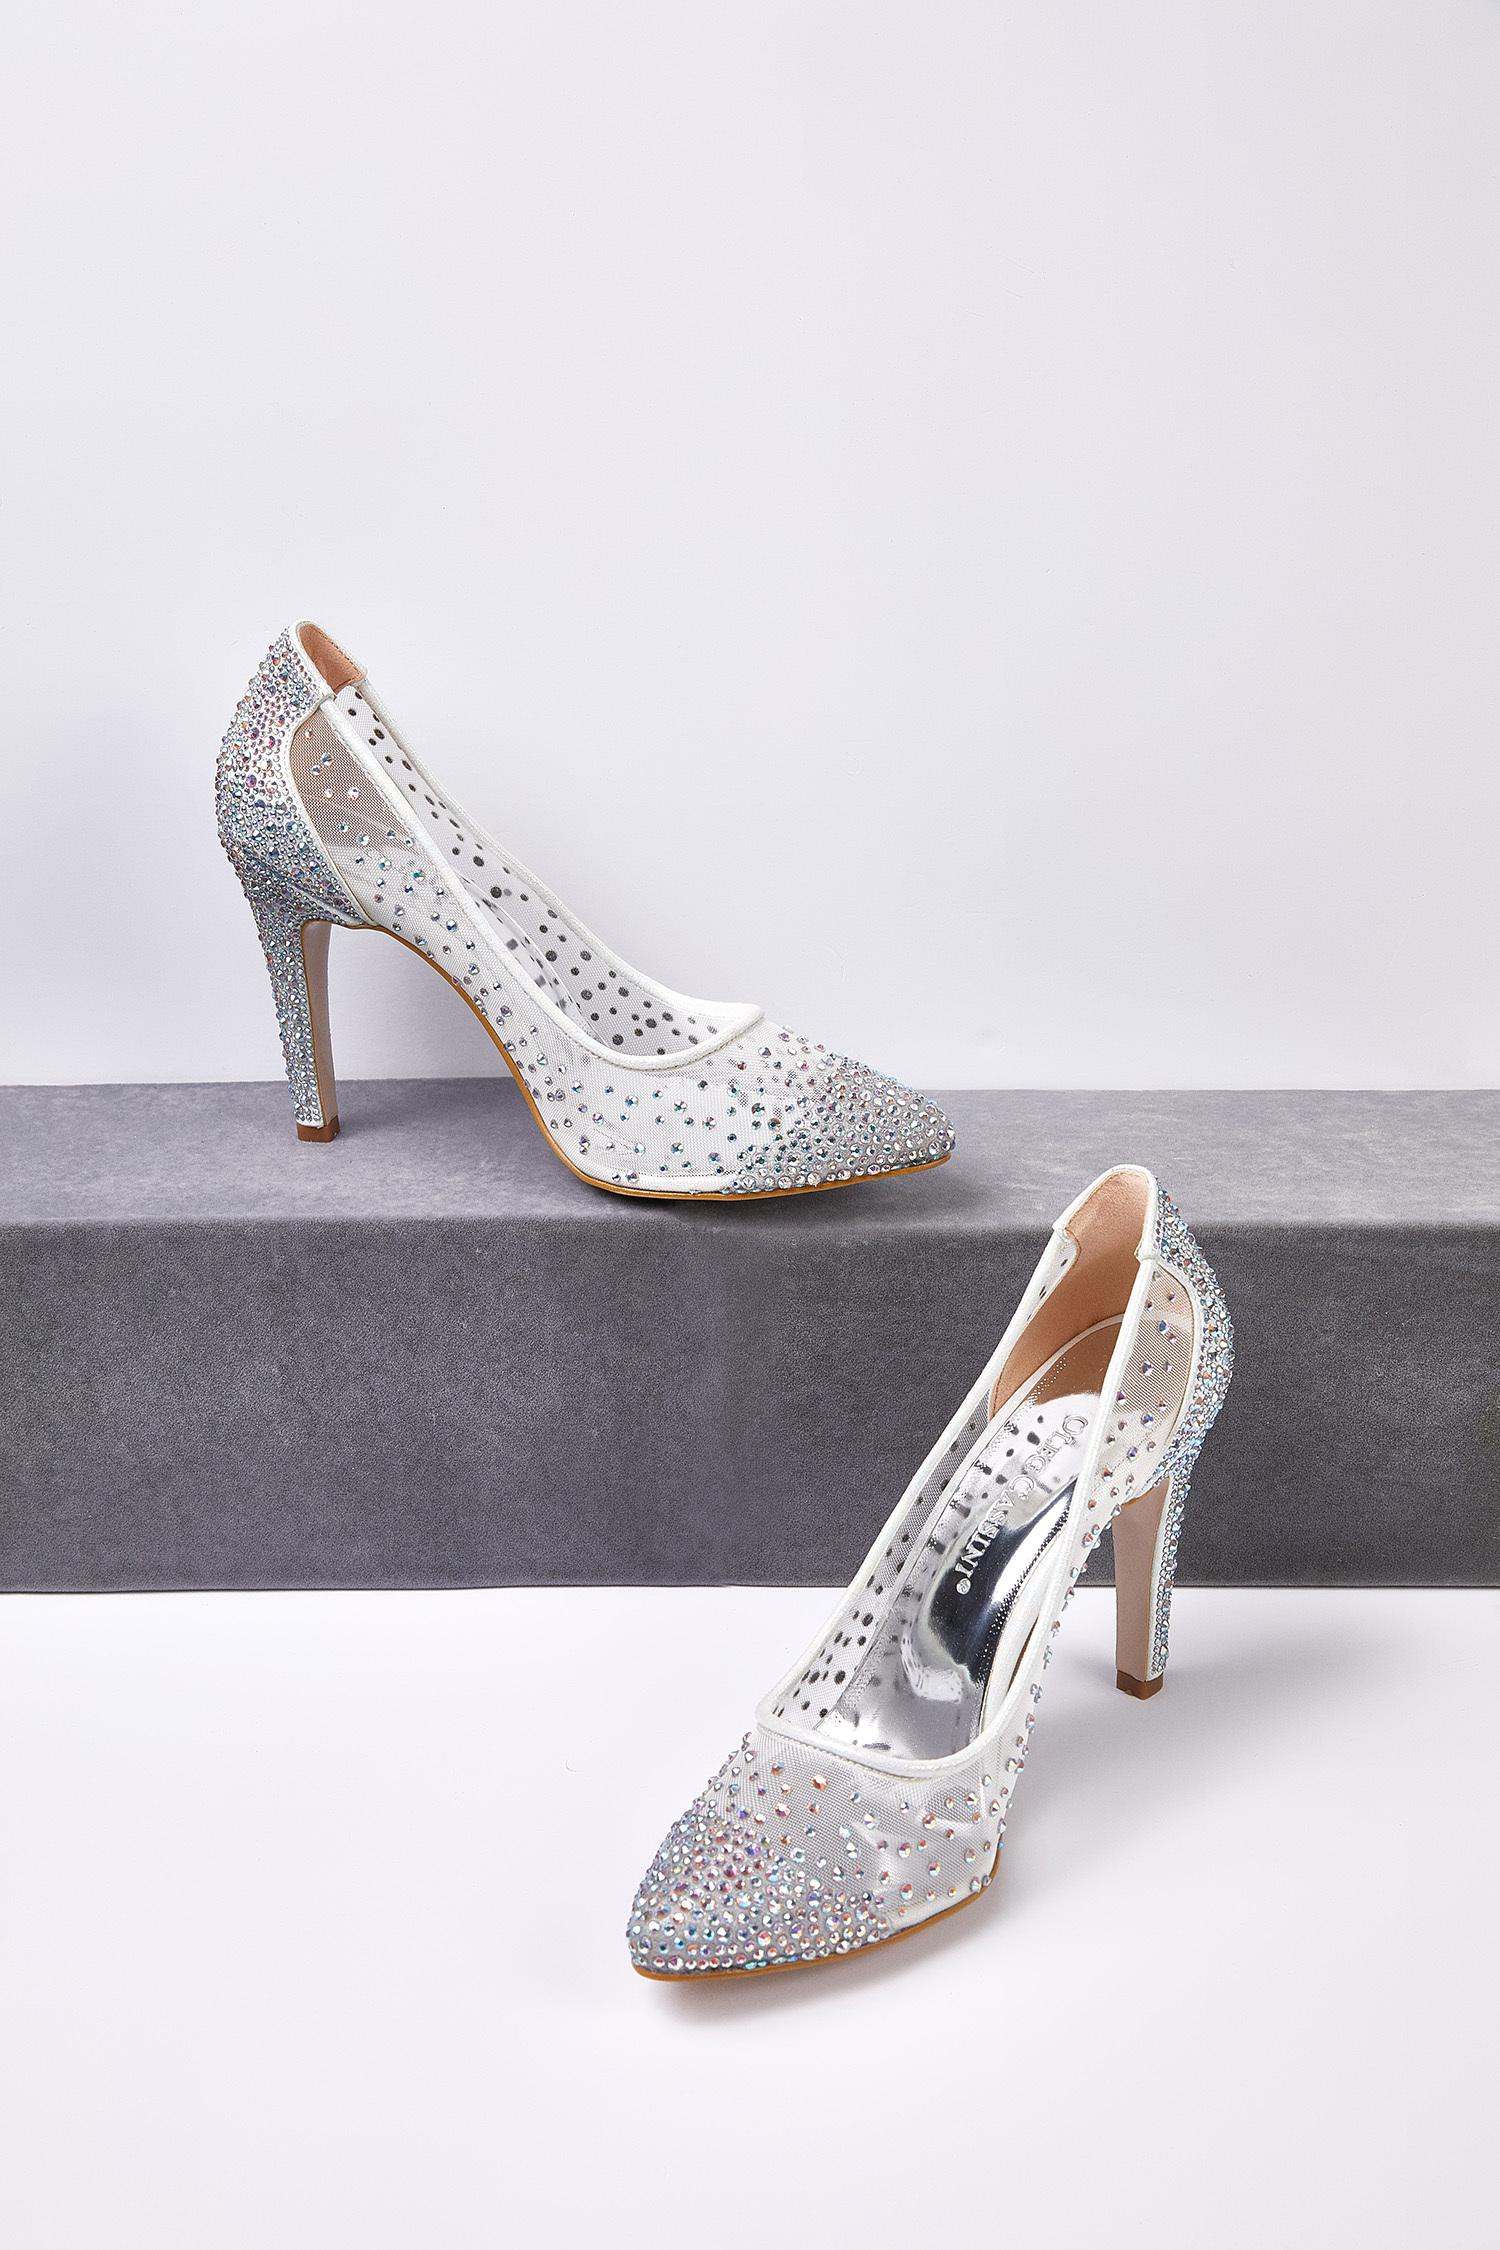 Kırık Beyaz Taş İşlemeli Topuklu Gelin Ayakkabısı